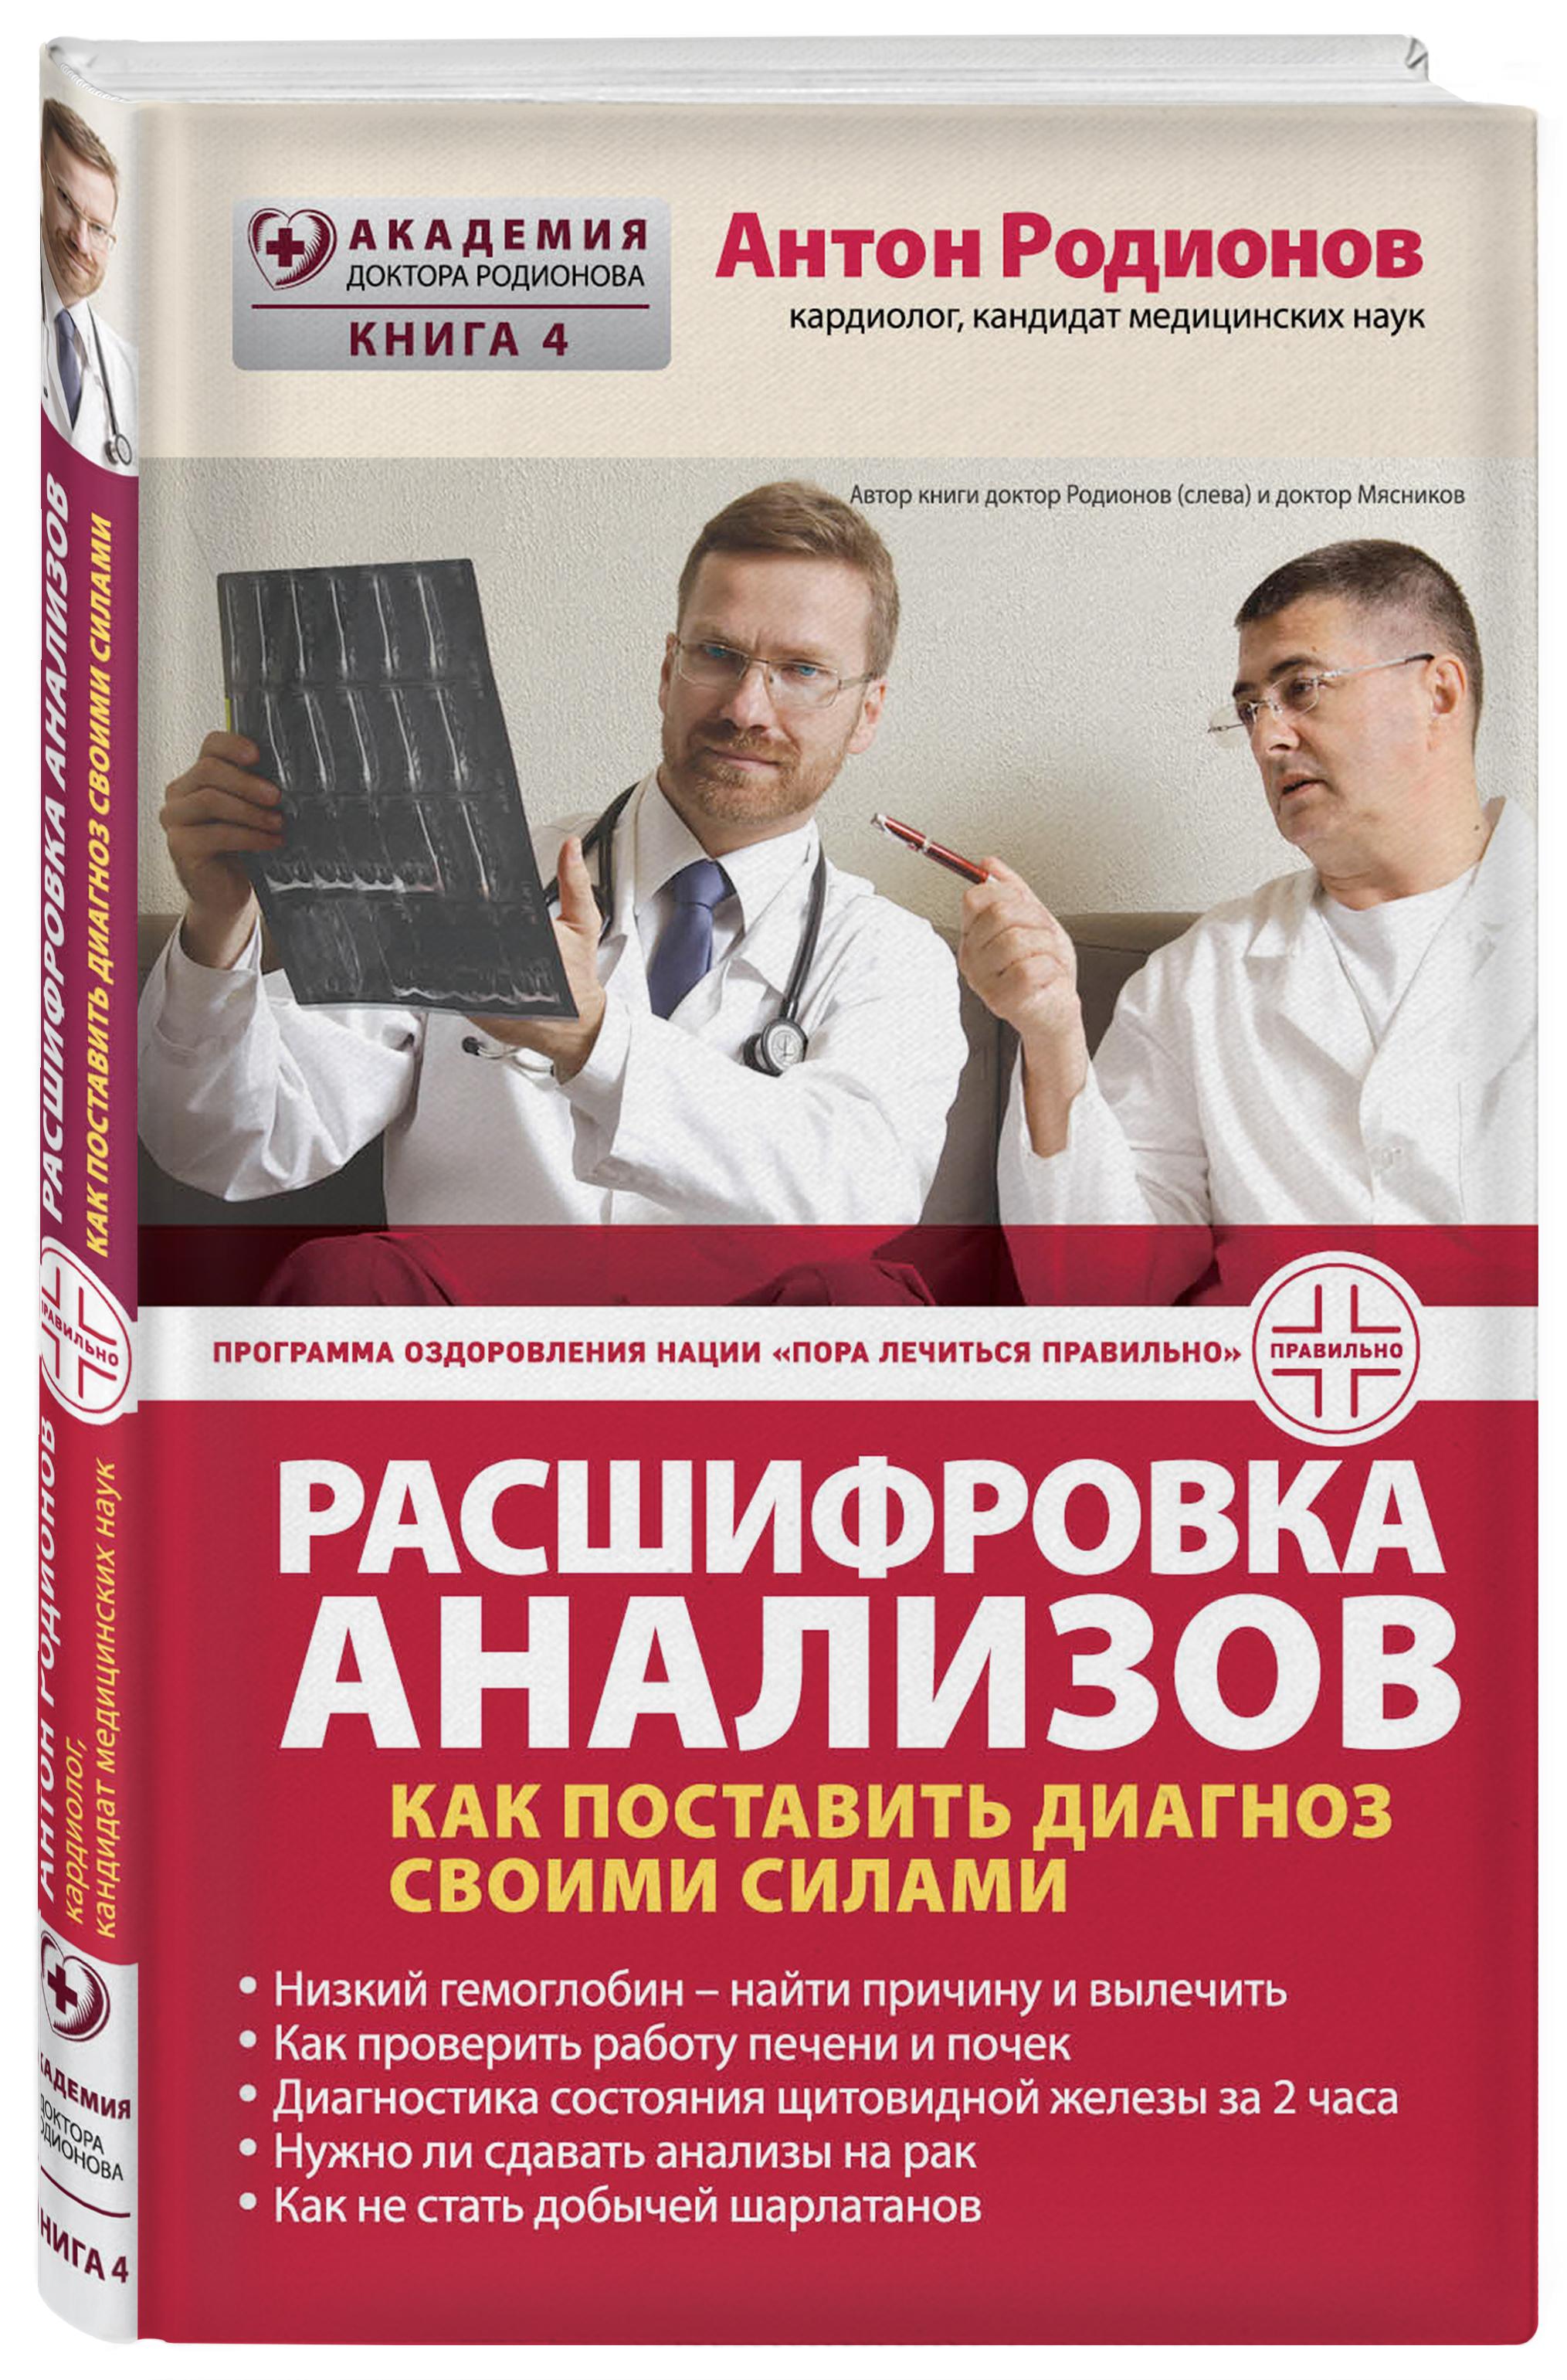 Расшифровка анализов: Как поставить диагноз своими силами ( Антон Родионов  )